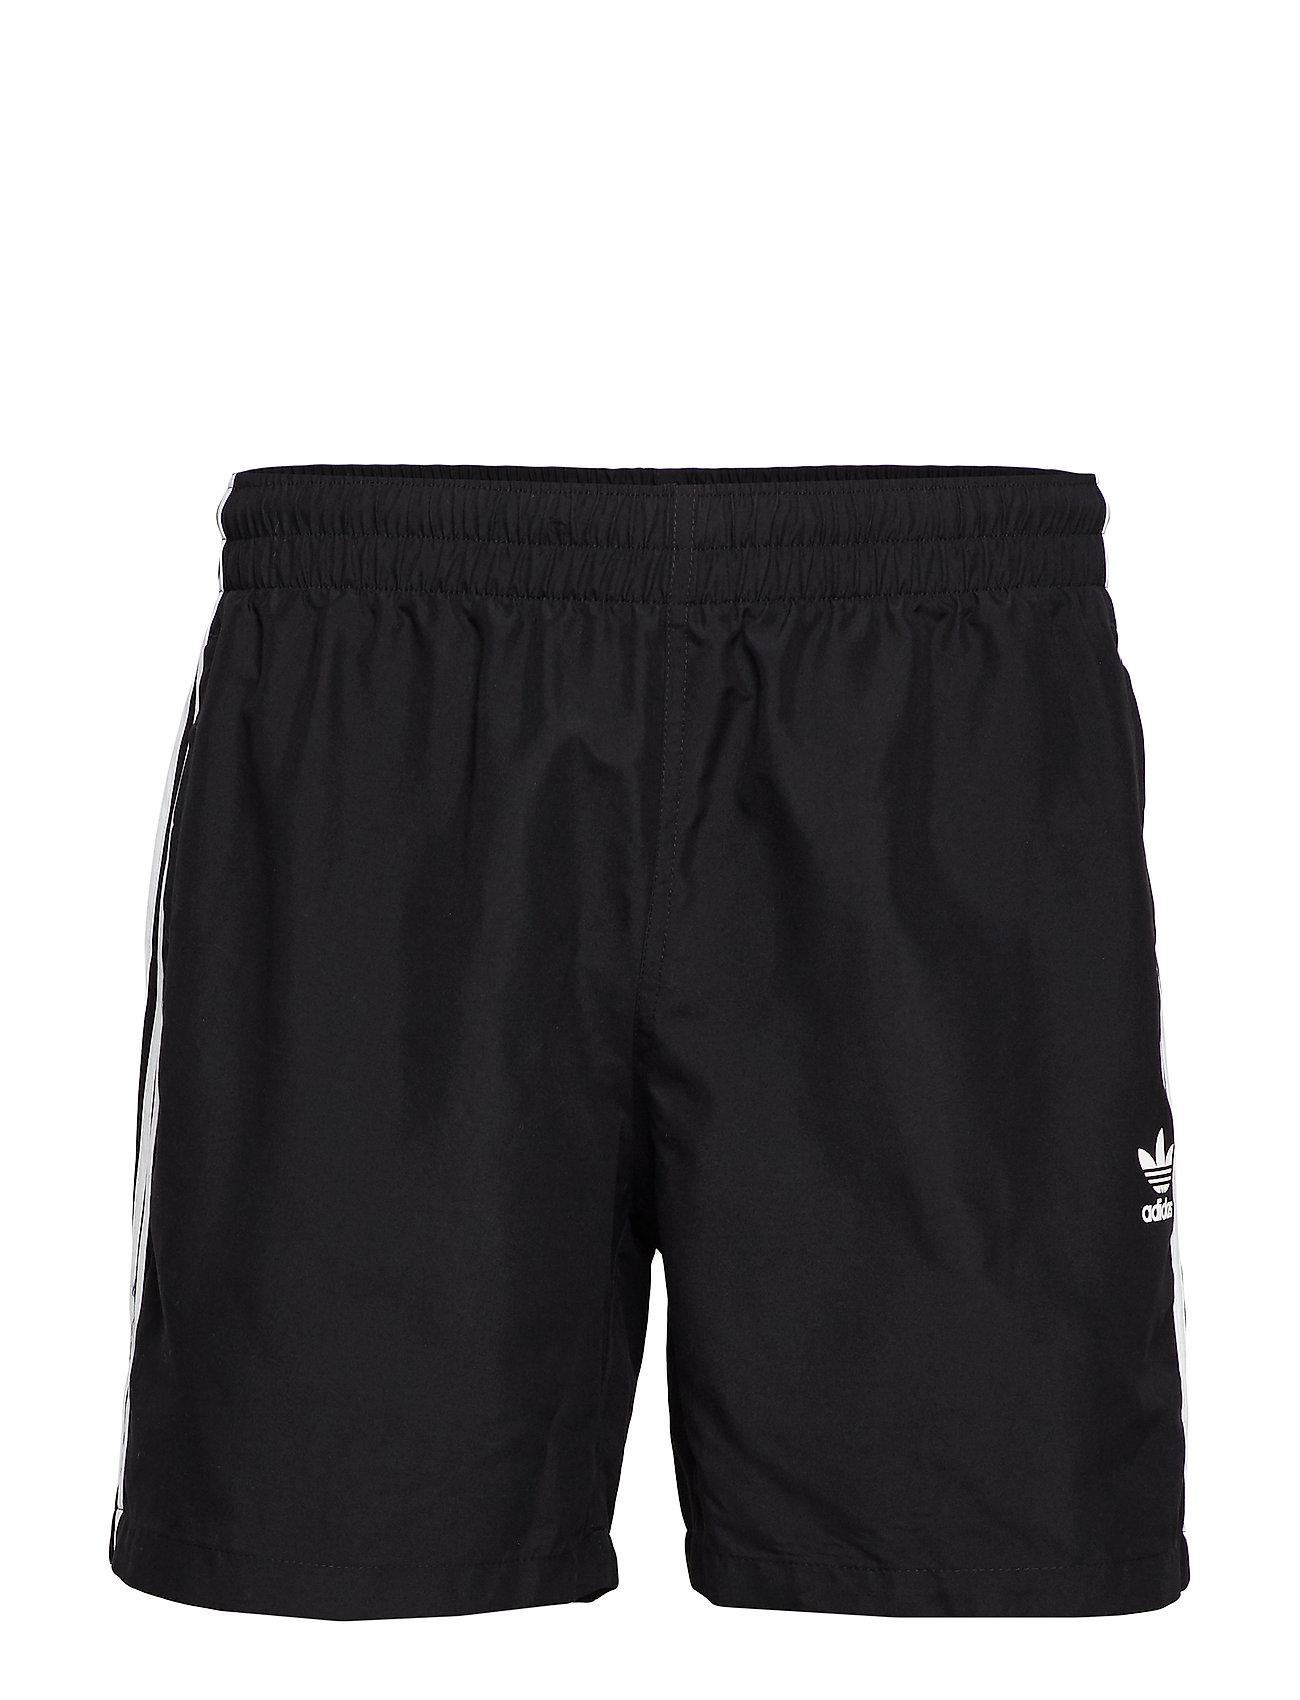 adidas Originals 3 STRIPE SWIMS - BLACK